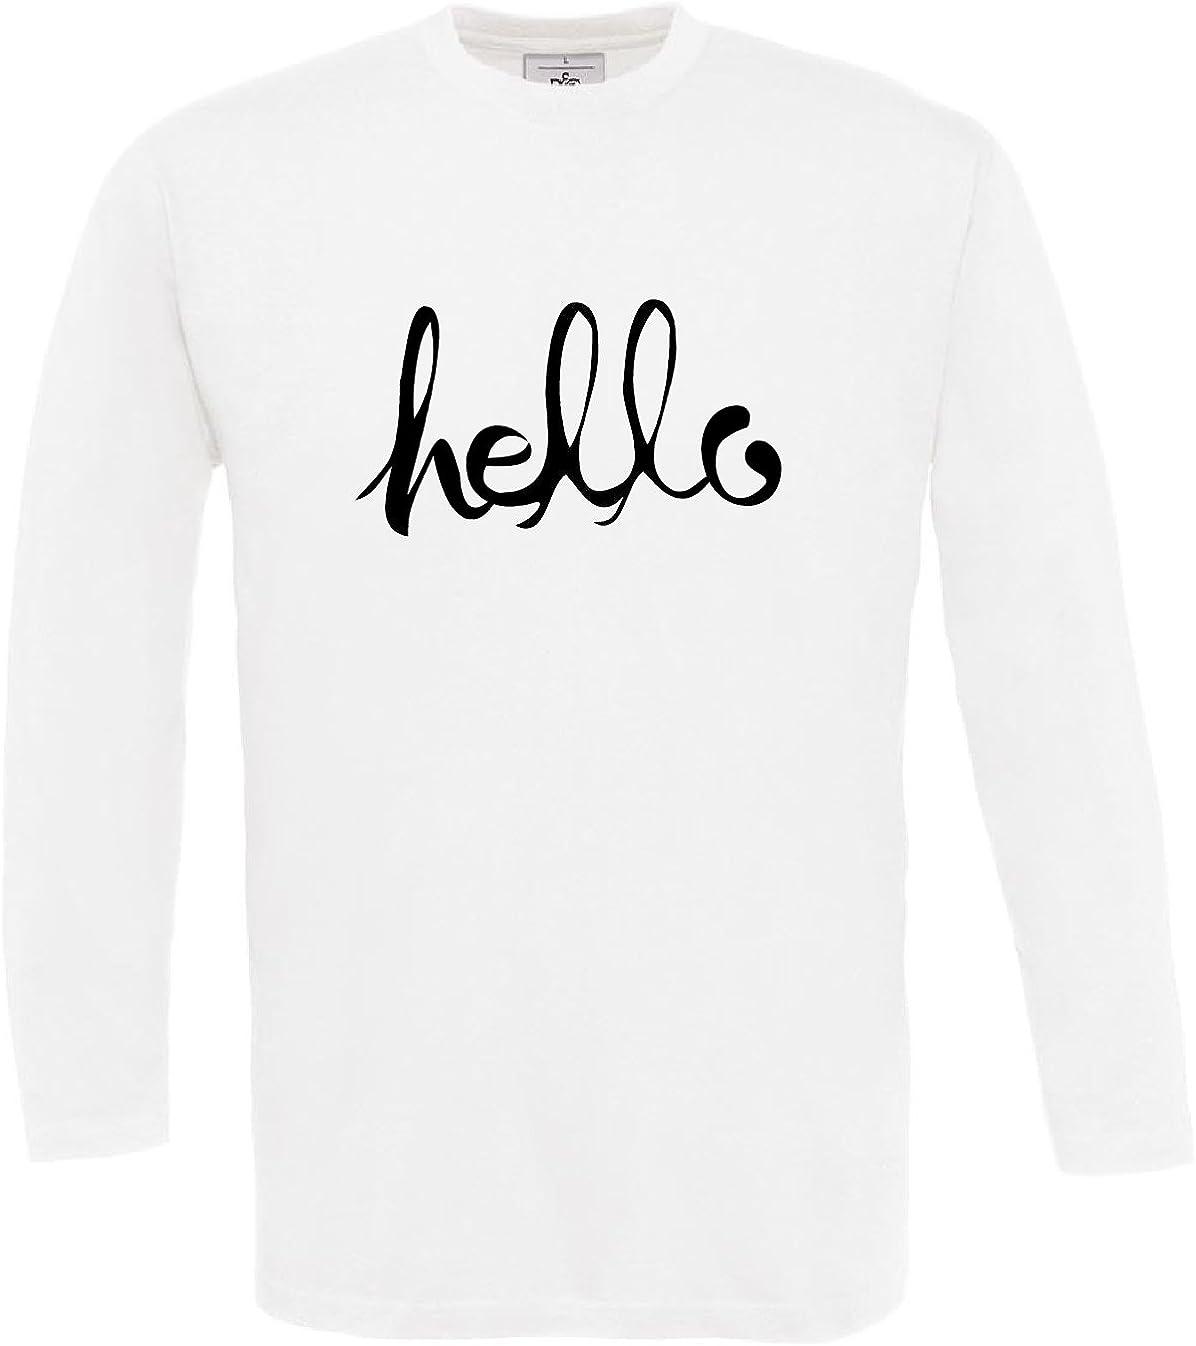 2Store24 Camiseta estampada de manga larga para Hombre Hello Cool Designer Shirt - S-3XL: Amazon.es: Ropa y accesorios